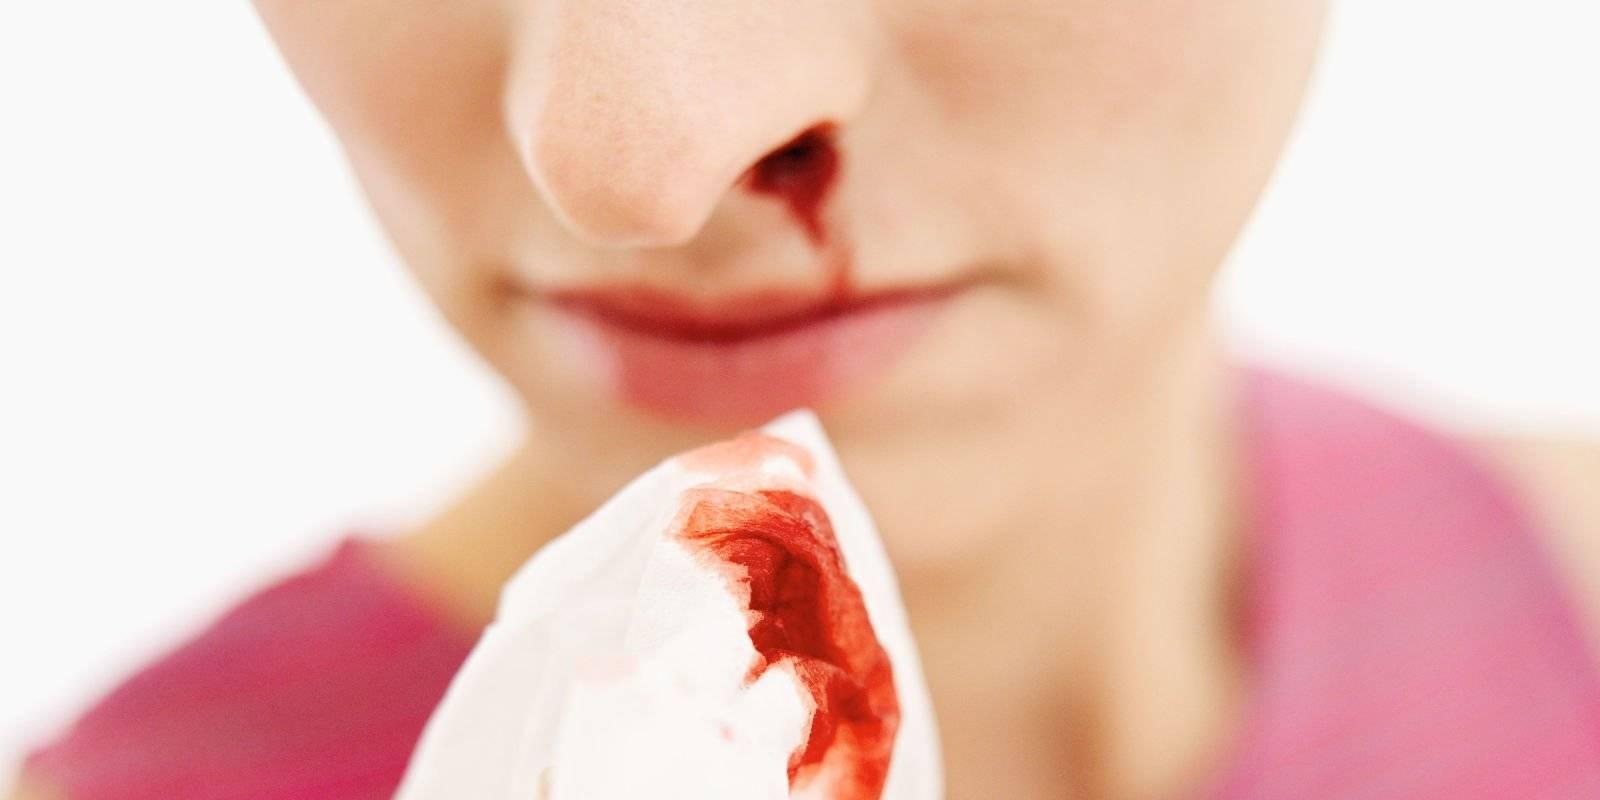 что означает кровь из носа